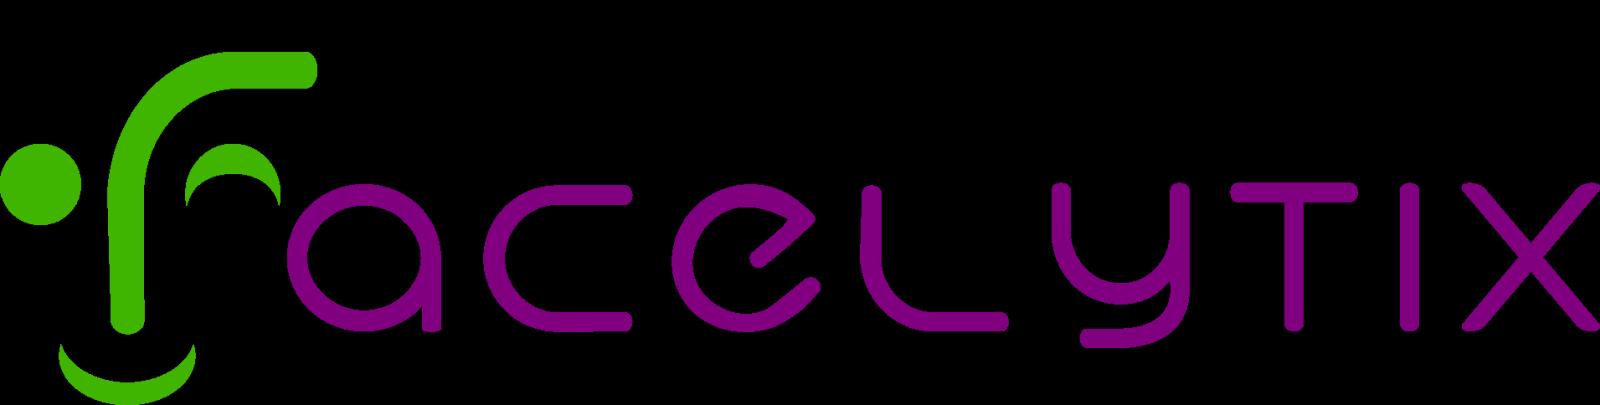 Facelytix-np-baseline-logo.png